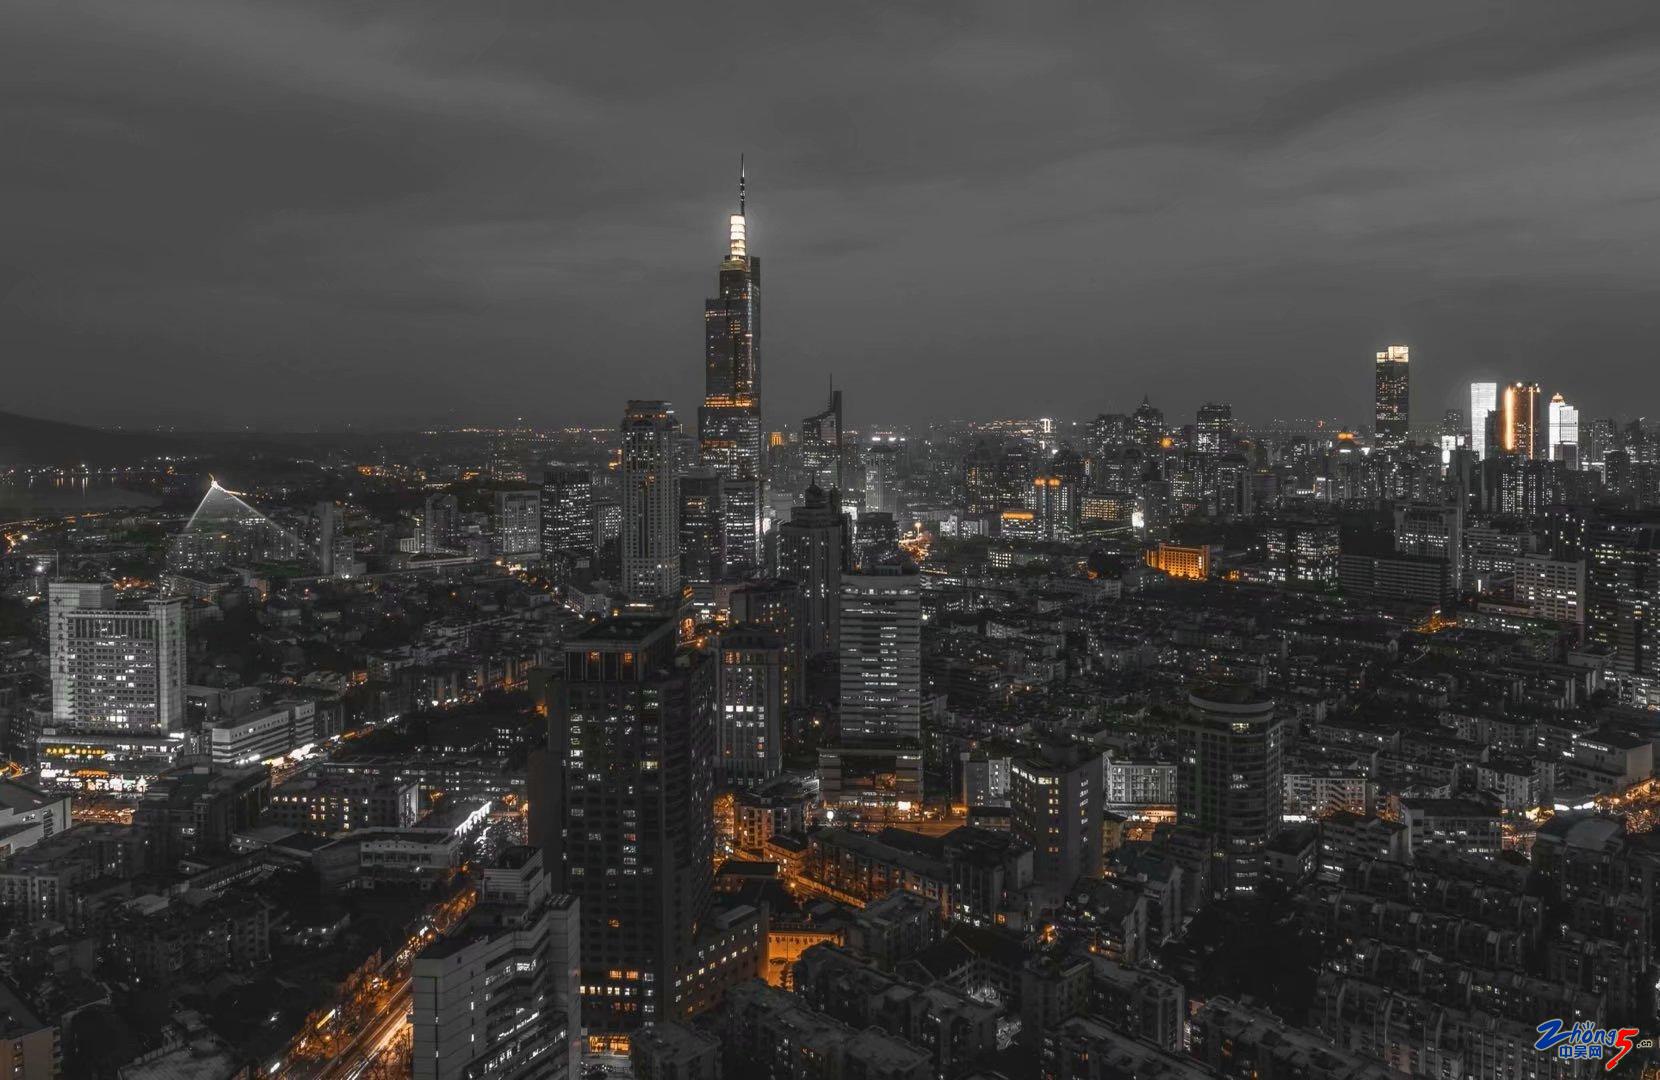 《黑白城市》 方大庆.jpg